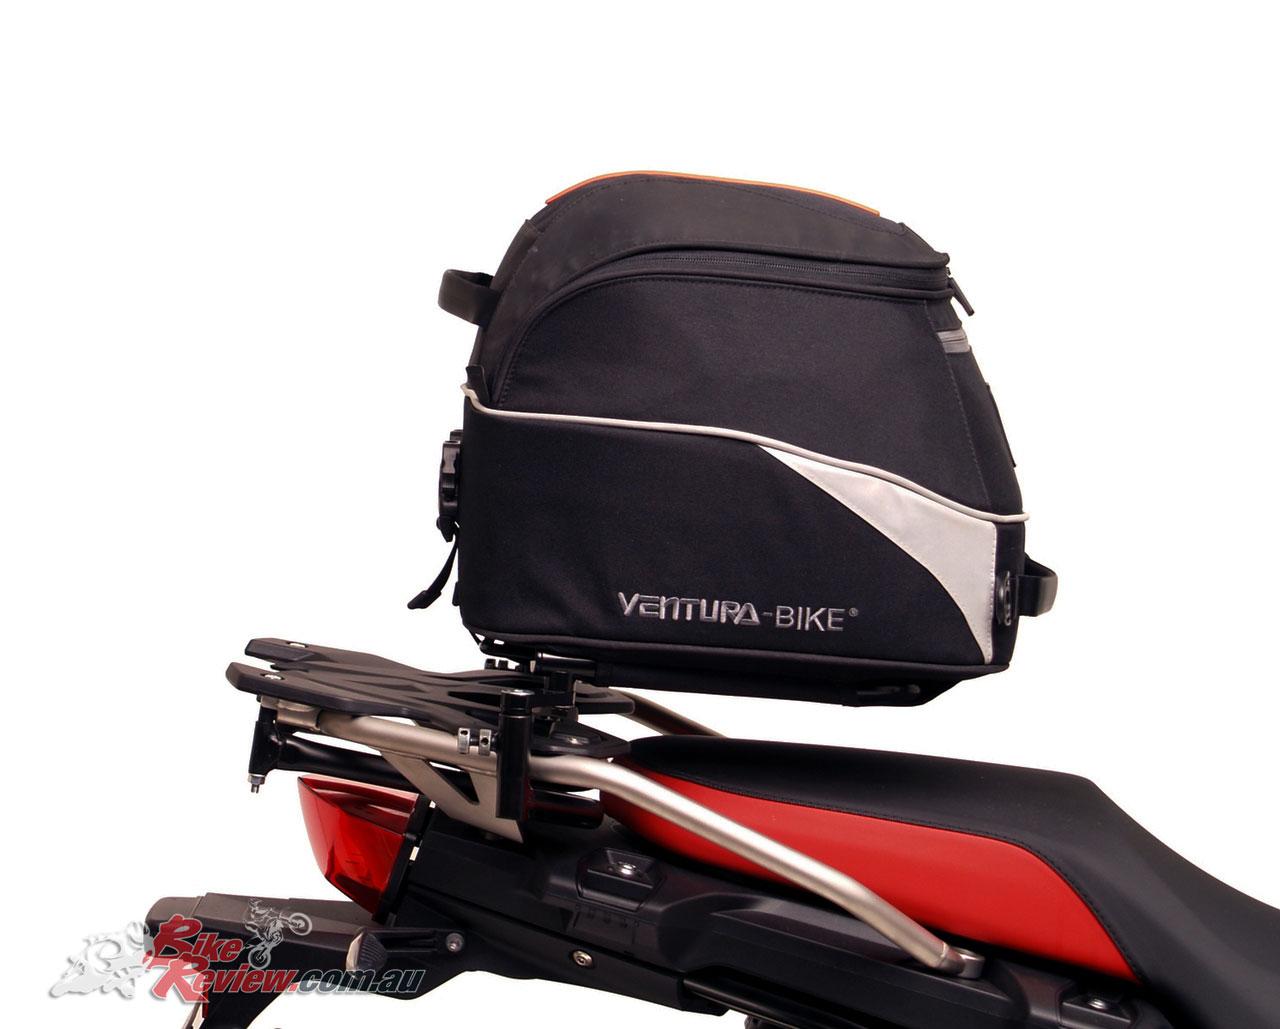 The smaller and sportier Ventura EVO-22